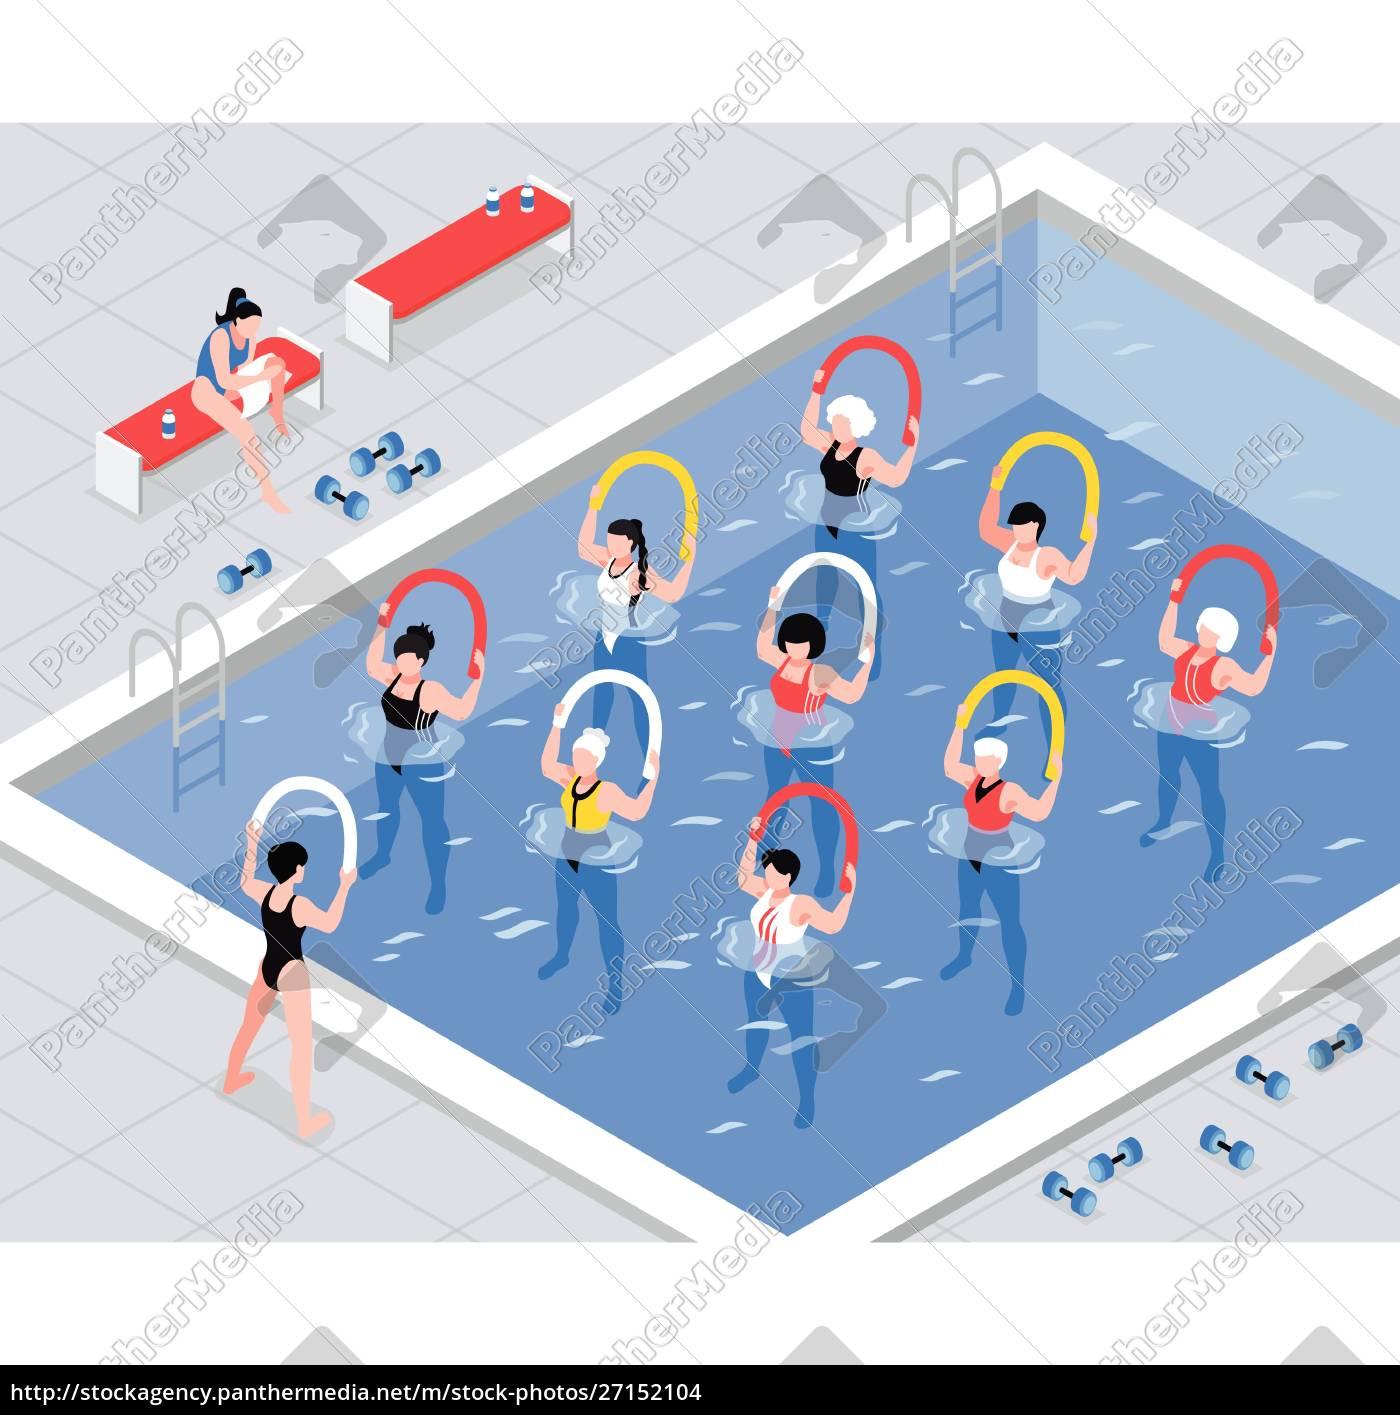 wassergymnastik-klasse, frauengruppe, bei, Übungen, mit, geräten - 27152104